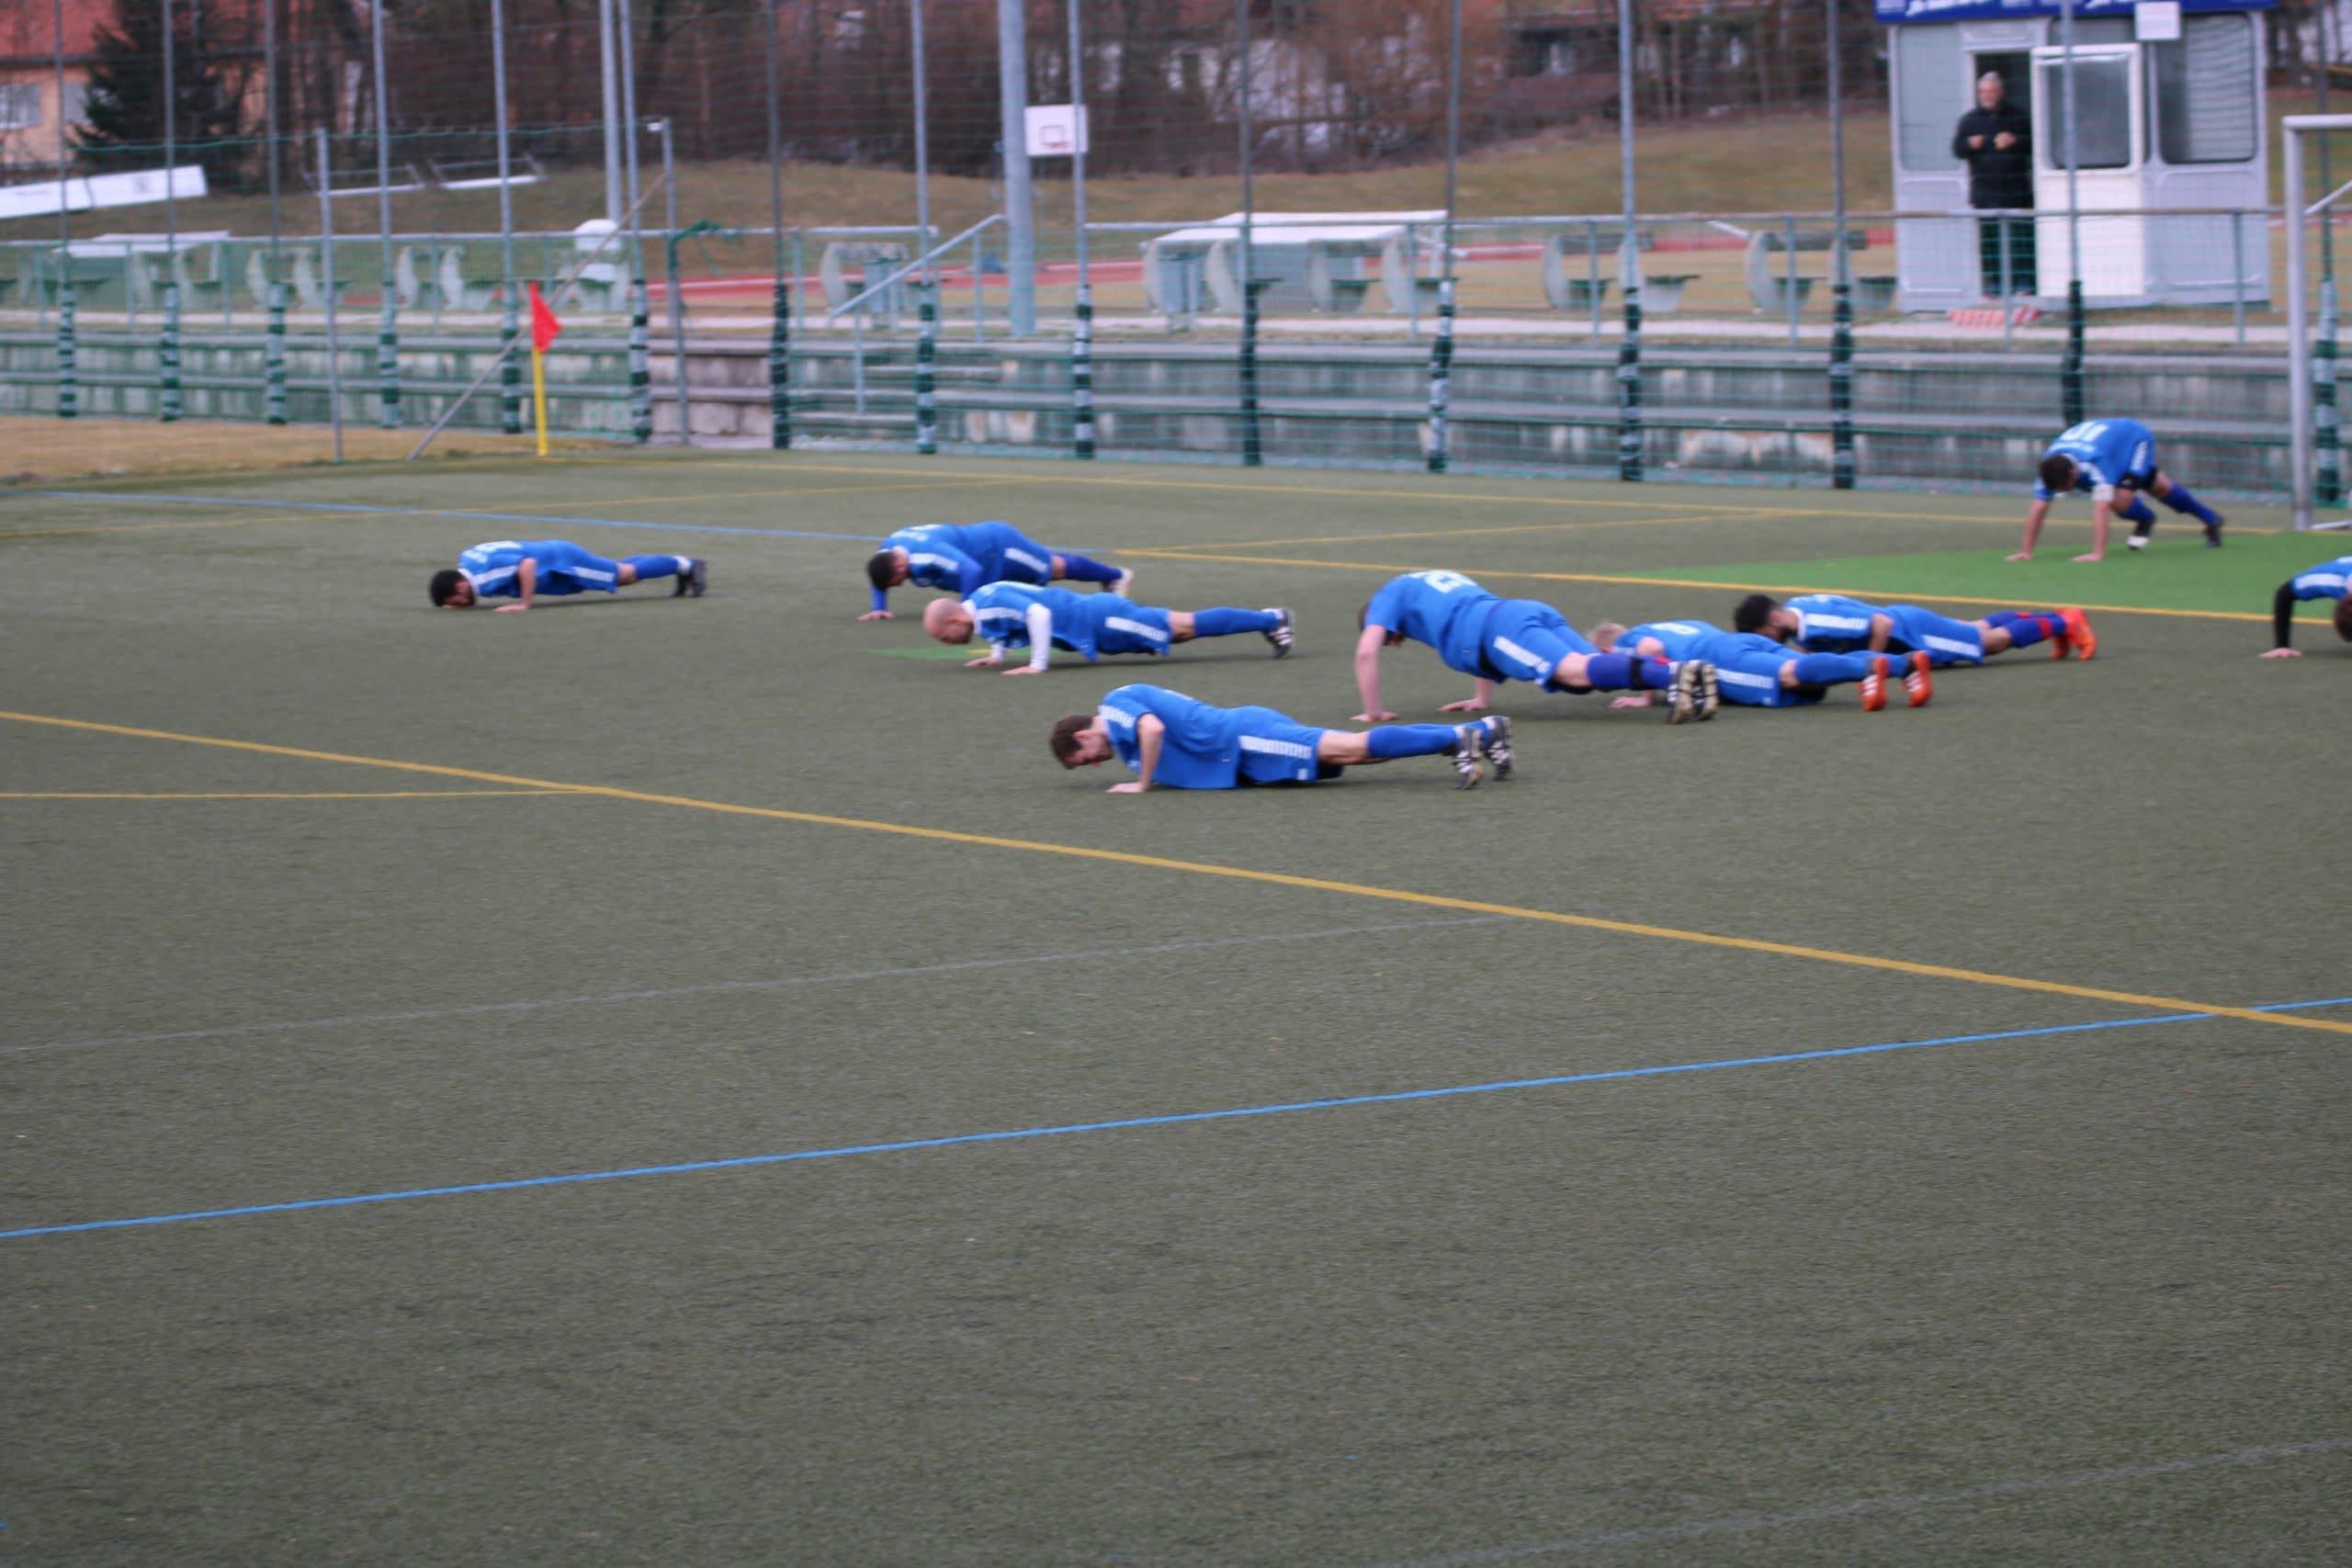 Wölfe zwingen Rottacher zu Liegestützen beim 3:6 im Isar-Loisach-Stadion